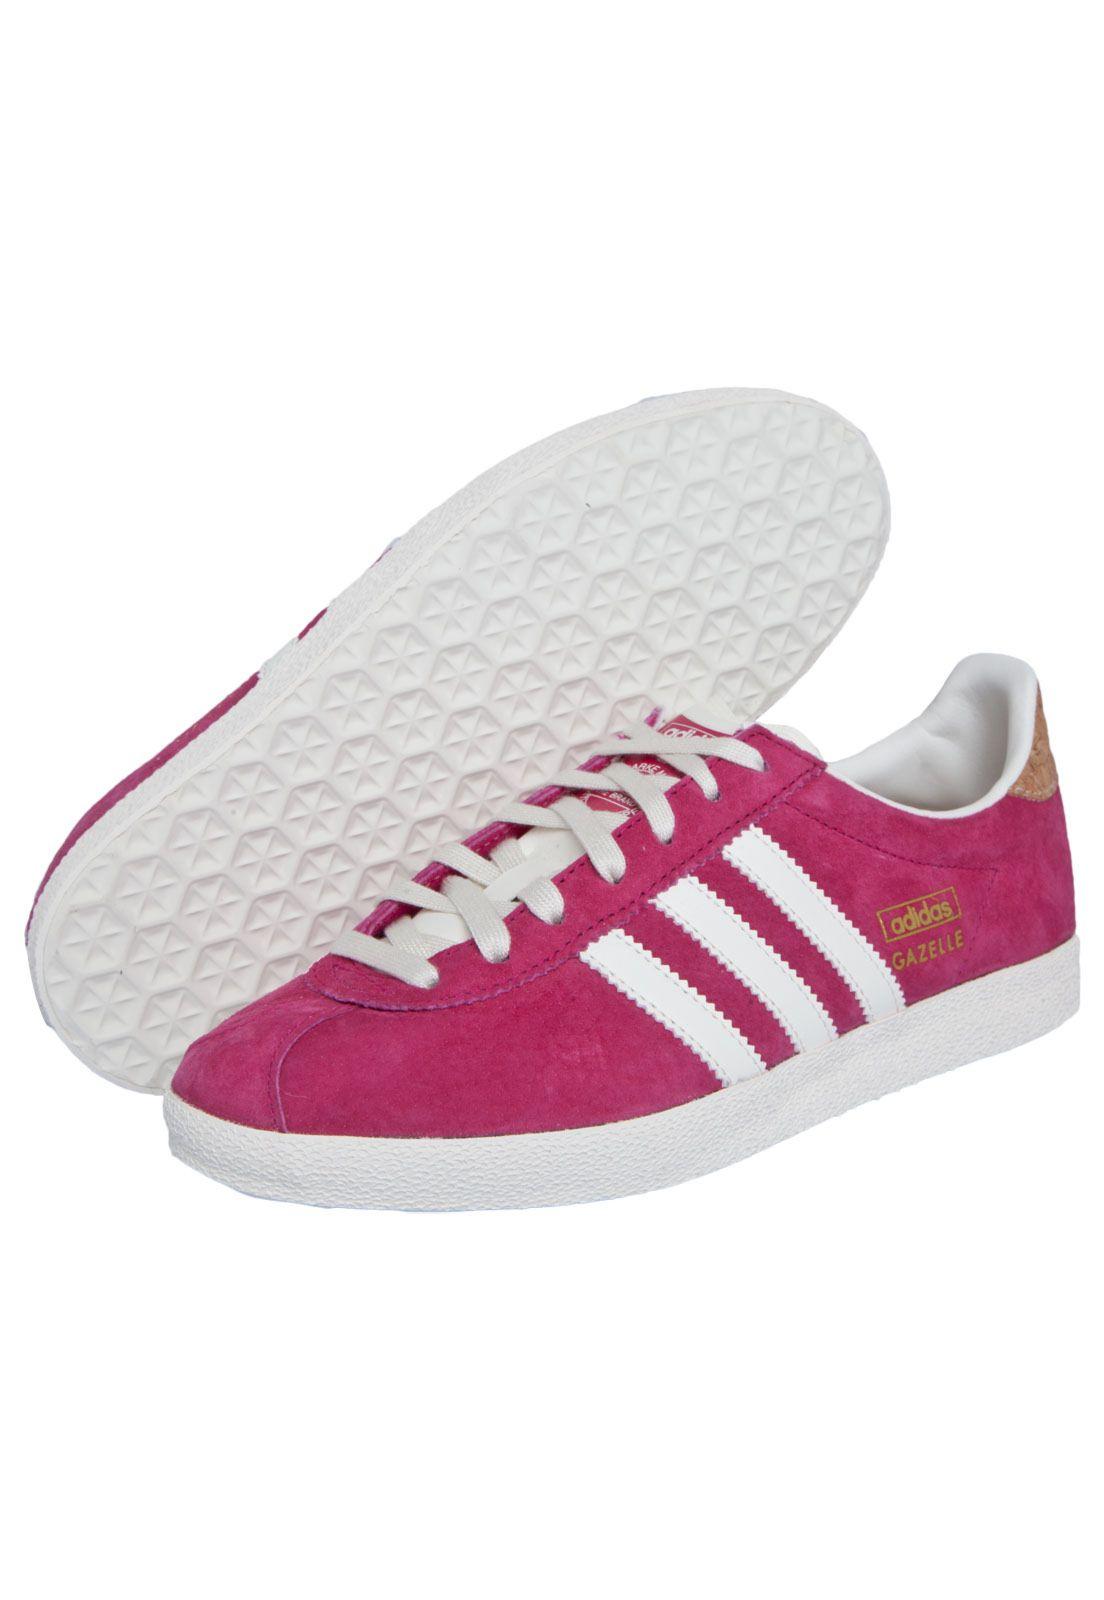 adidas gazelle og rosa